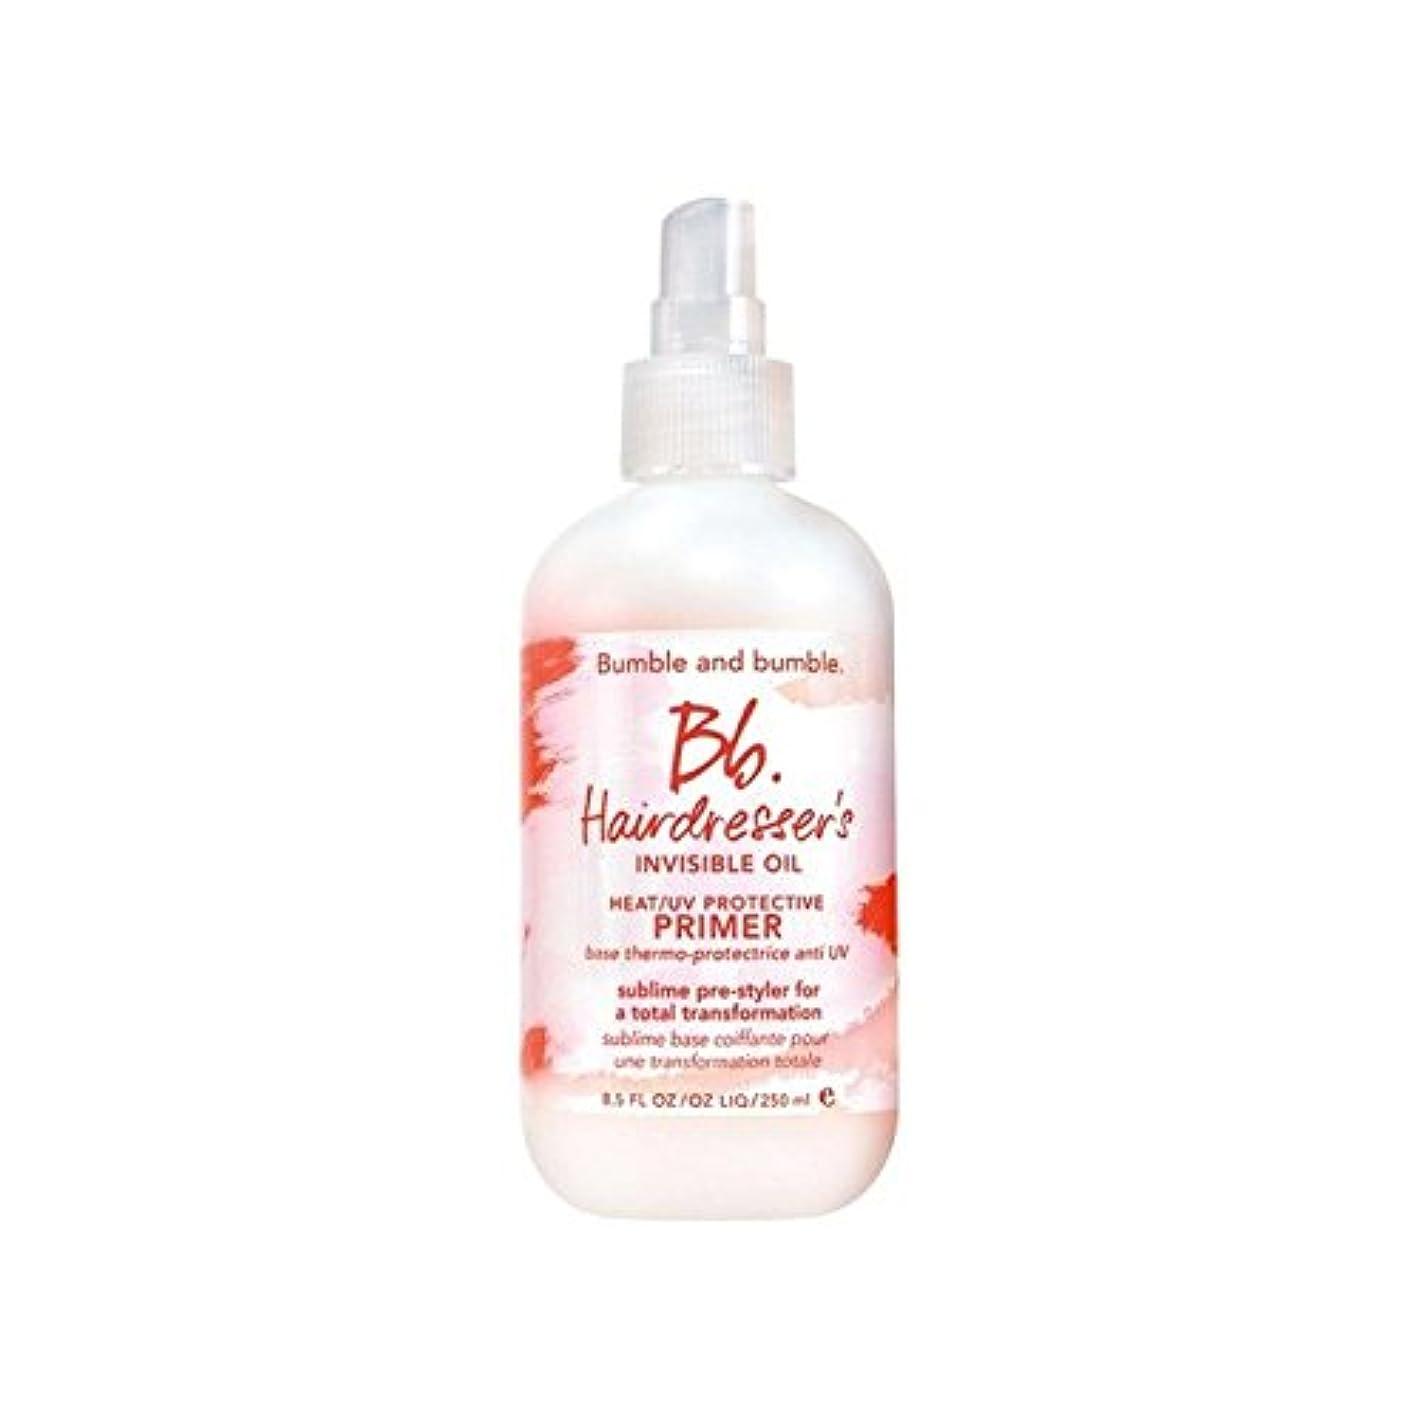 時元気な四面体Bumble & Bumble Hairdressers Invisible Oil Heat/Uv Protective Primer (250ml) - 美容見えないオイル熱/ 保護プライマー(250ミリリットル)...